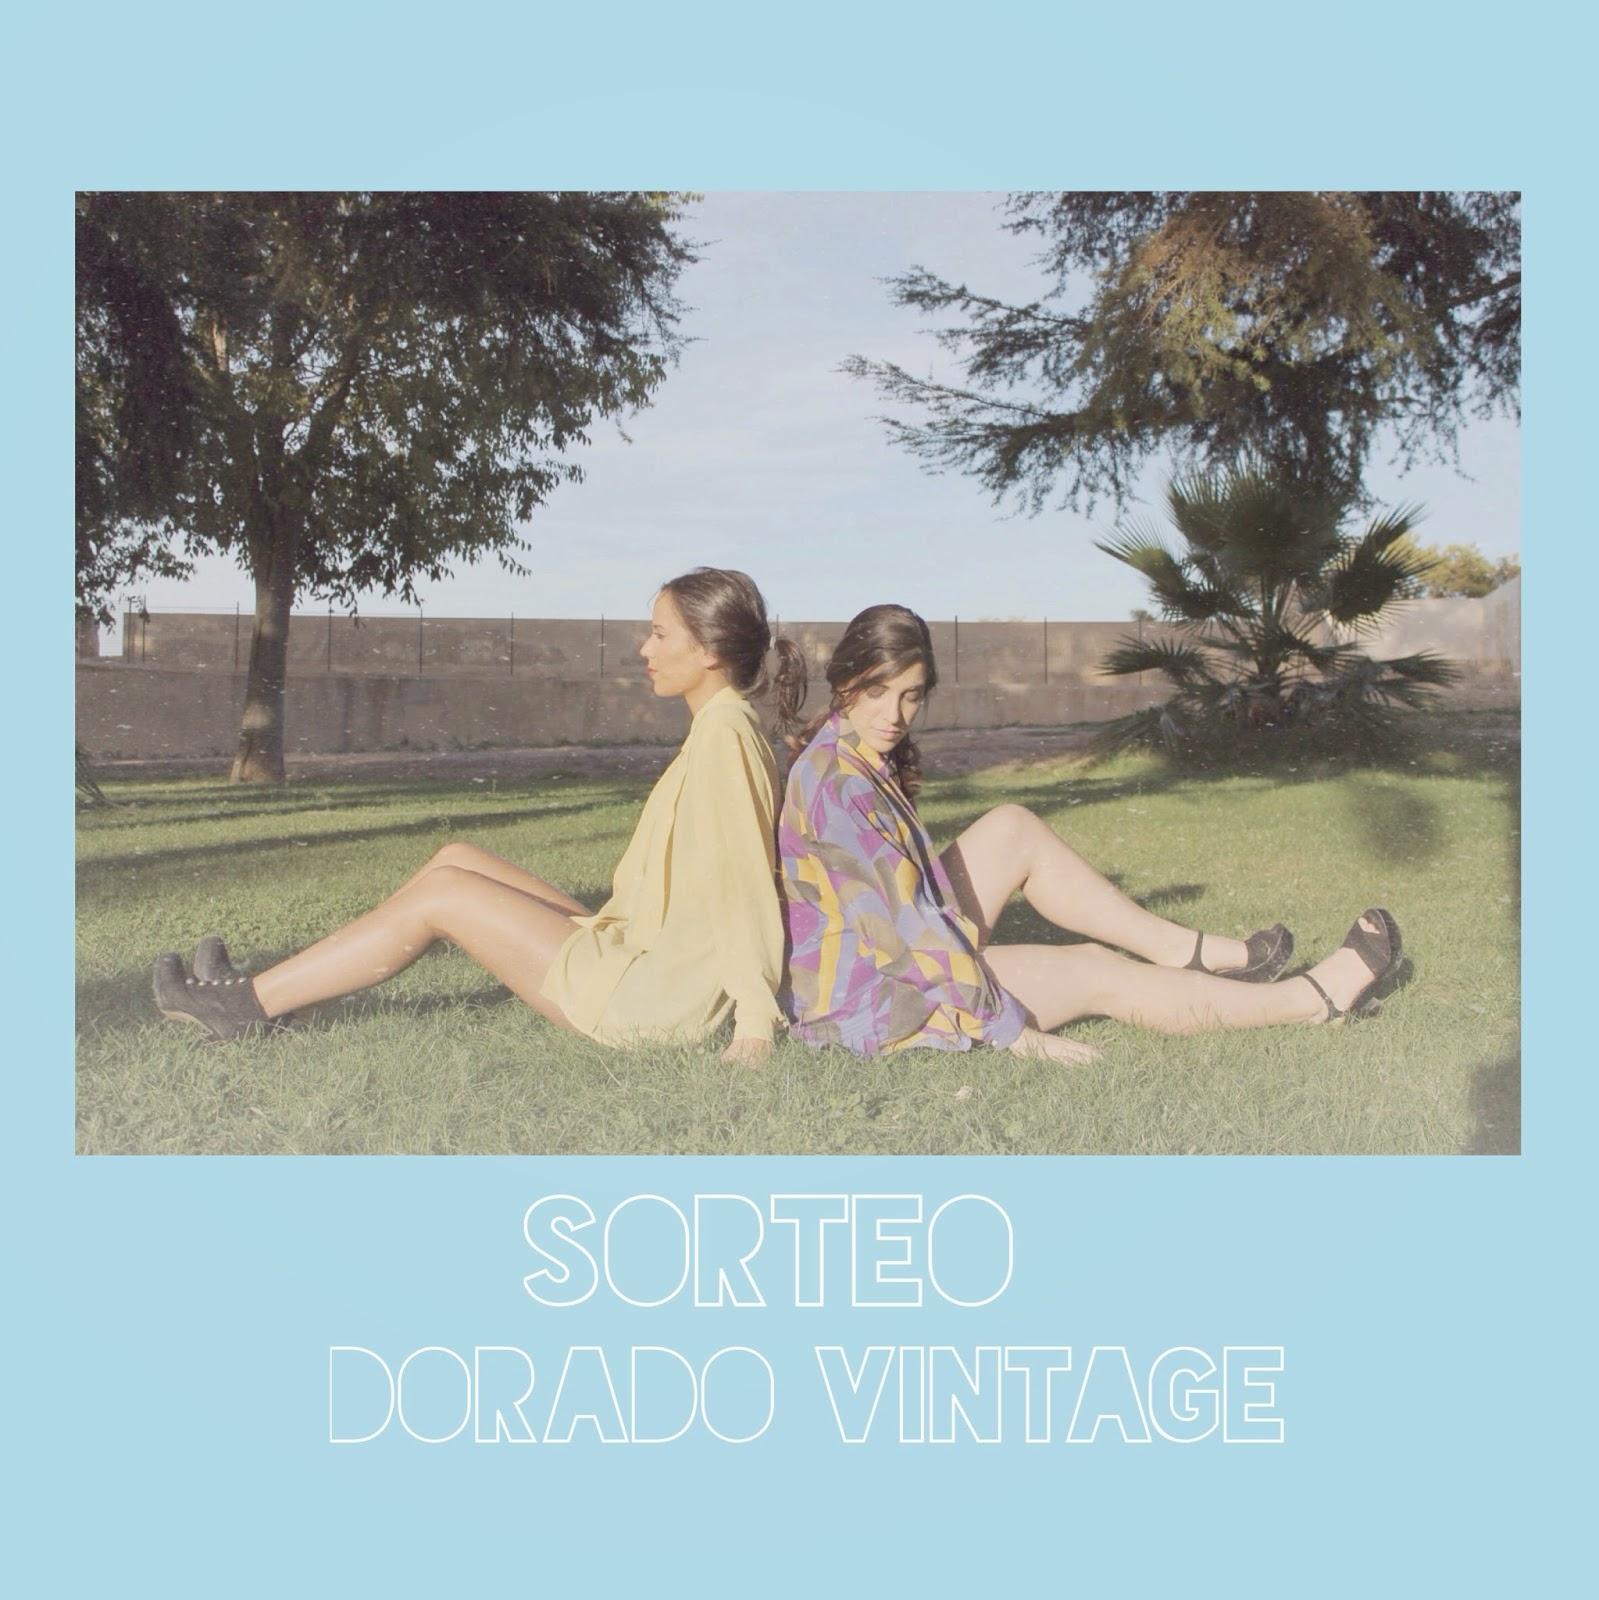 Dorado Vintage   Tienda vintage online ropa complementos originales retro pin up